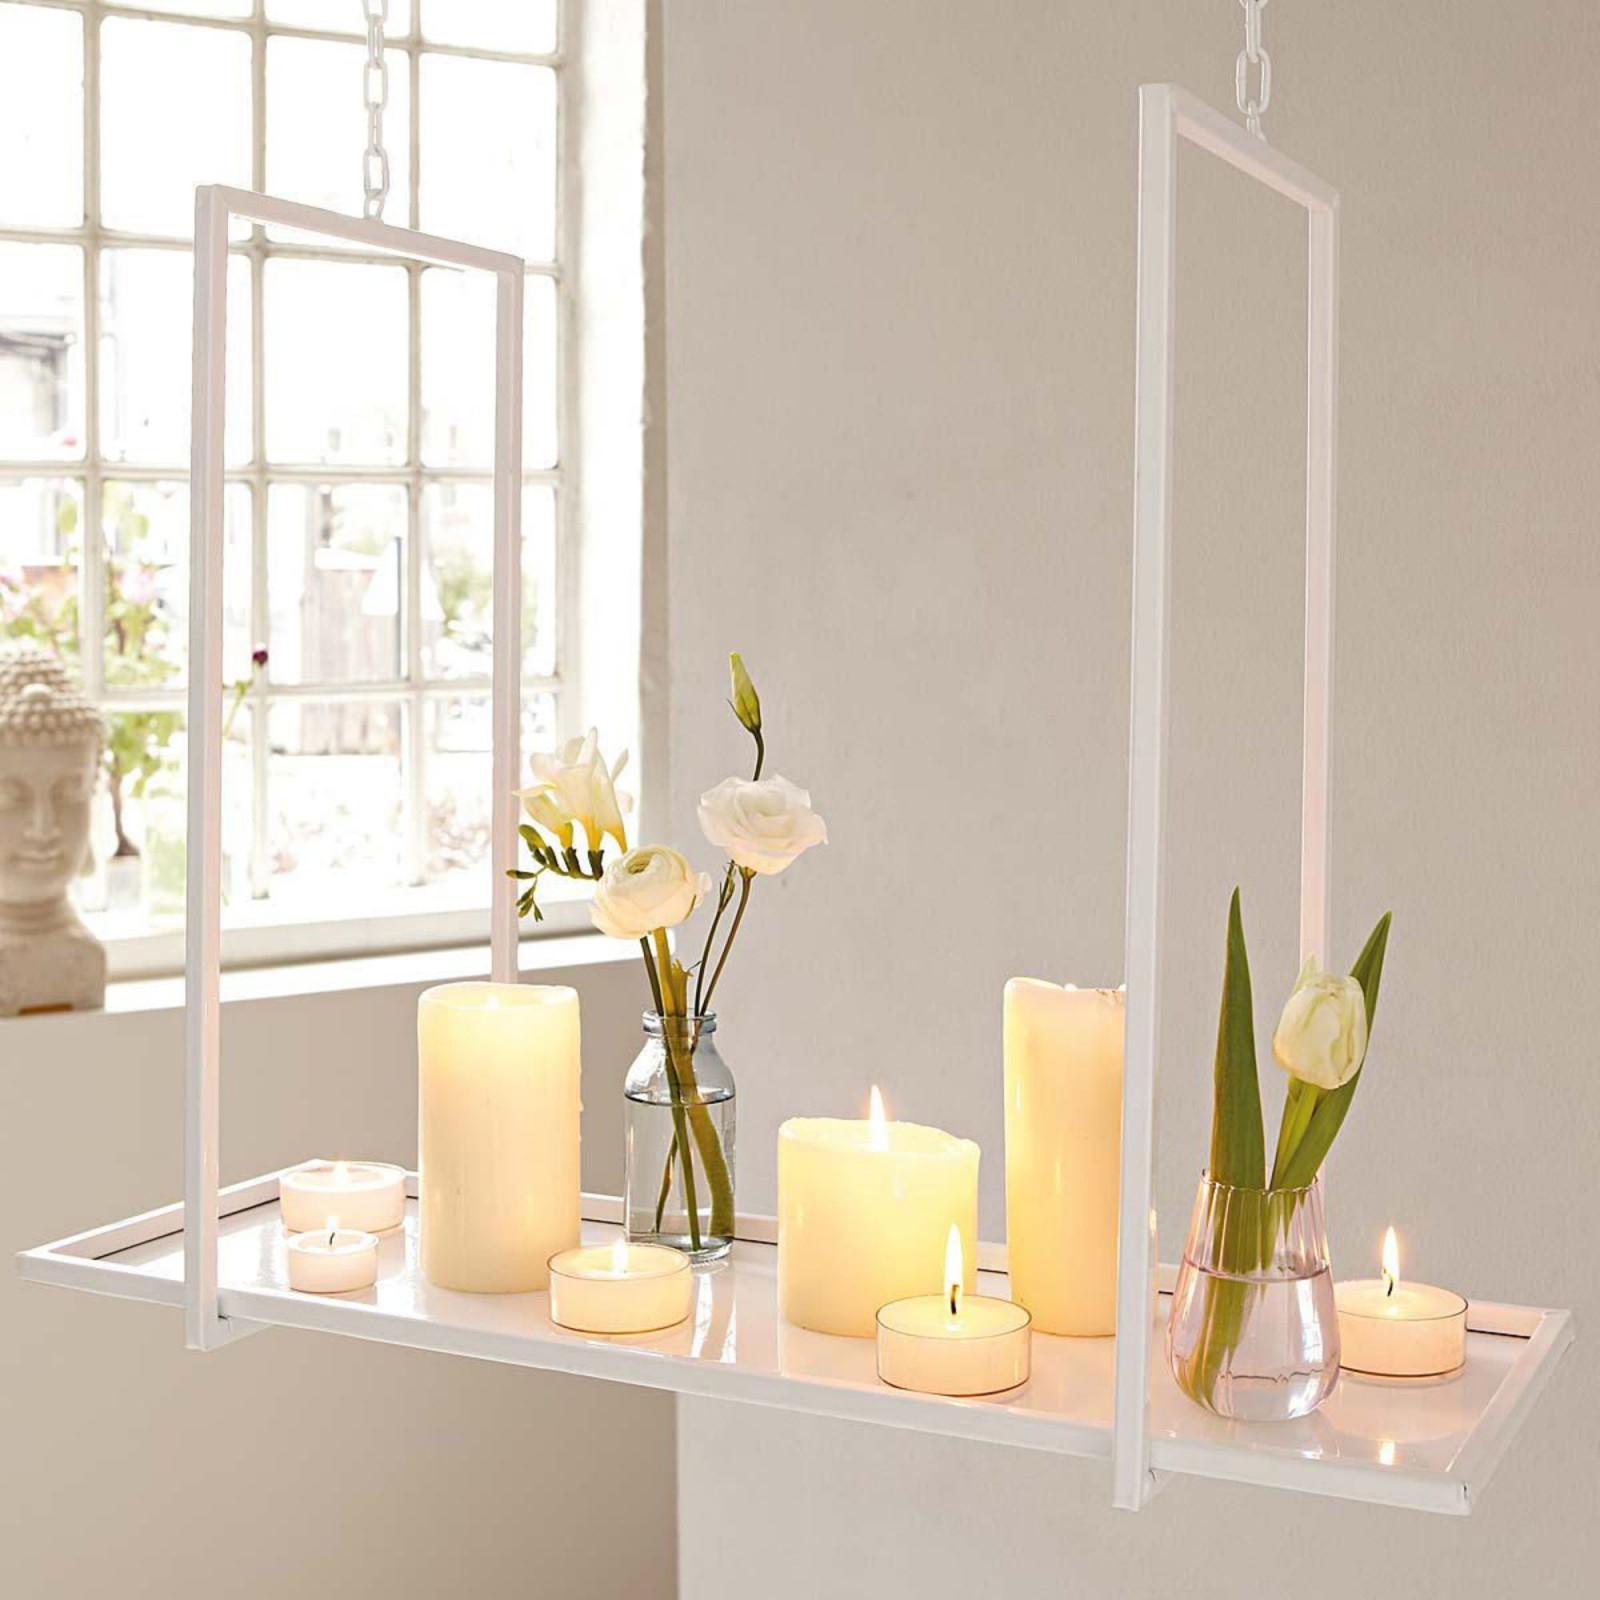 Kerzentablett Zum Hängen Weiß Zum Hängen Metall von Deko Hängend Wohnzimmer Bild